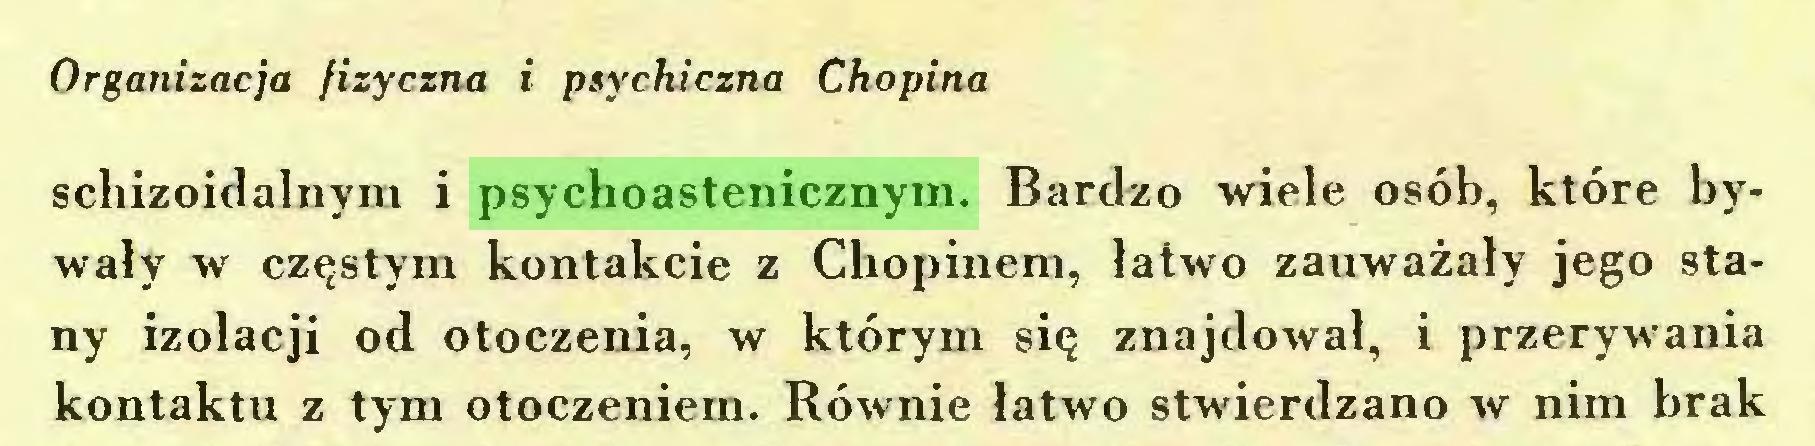 (...) Organizacja fizyczna i psychiczna Chopina schizoidalnym i psychoastenicznym. Bardzo wiele osób, które bywały w częstym kontakcie z Chopinem, łatwo zauważały jego stany izolacji od otoczenia, w którym się znajdował, i przerywania kontaktu z tym otoczeniem. Równie łatwo stwierdzano w nim brak...